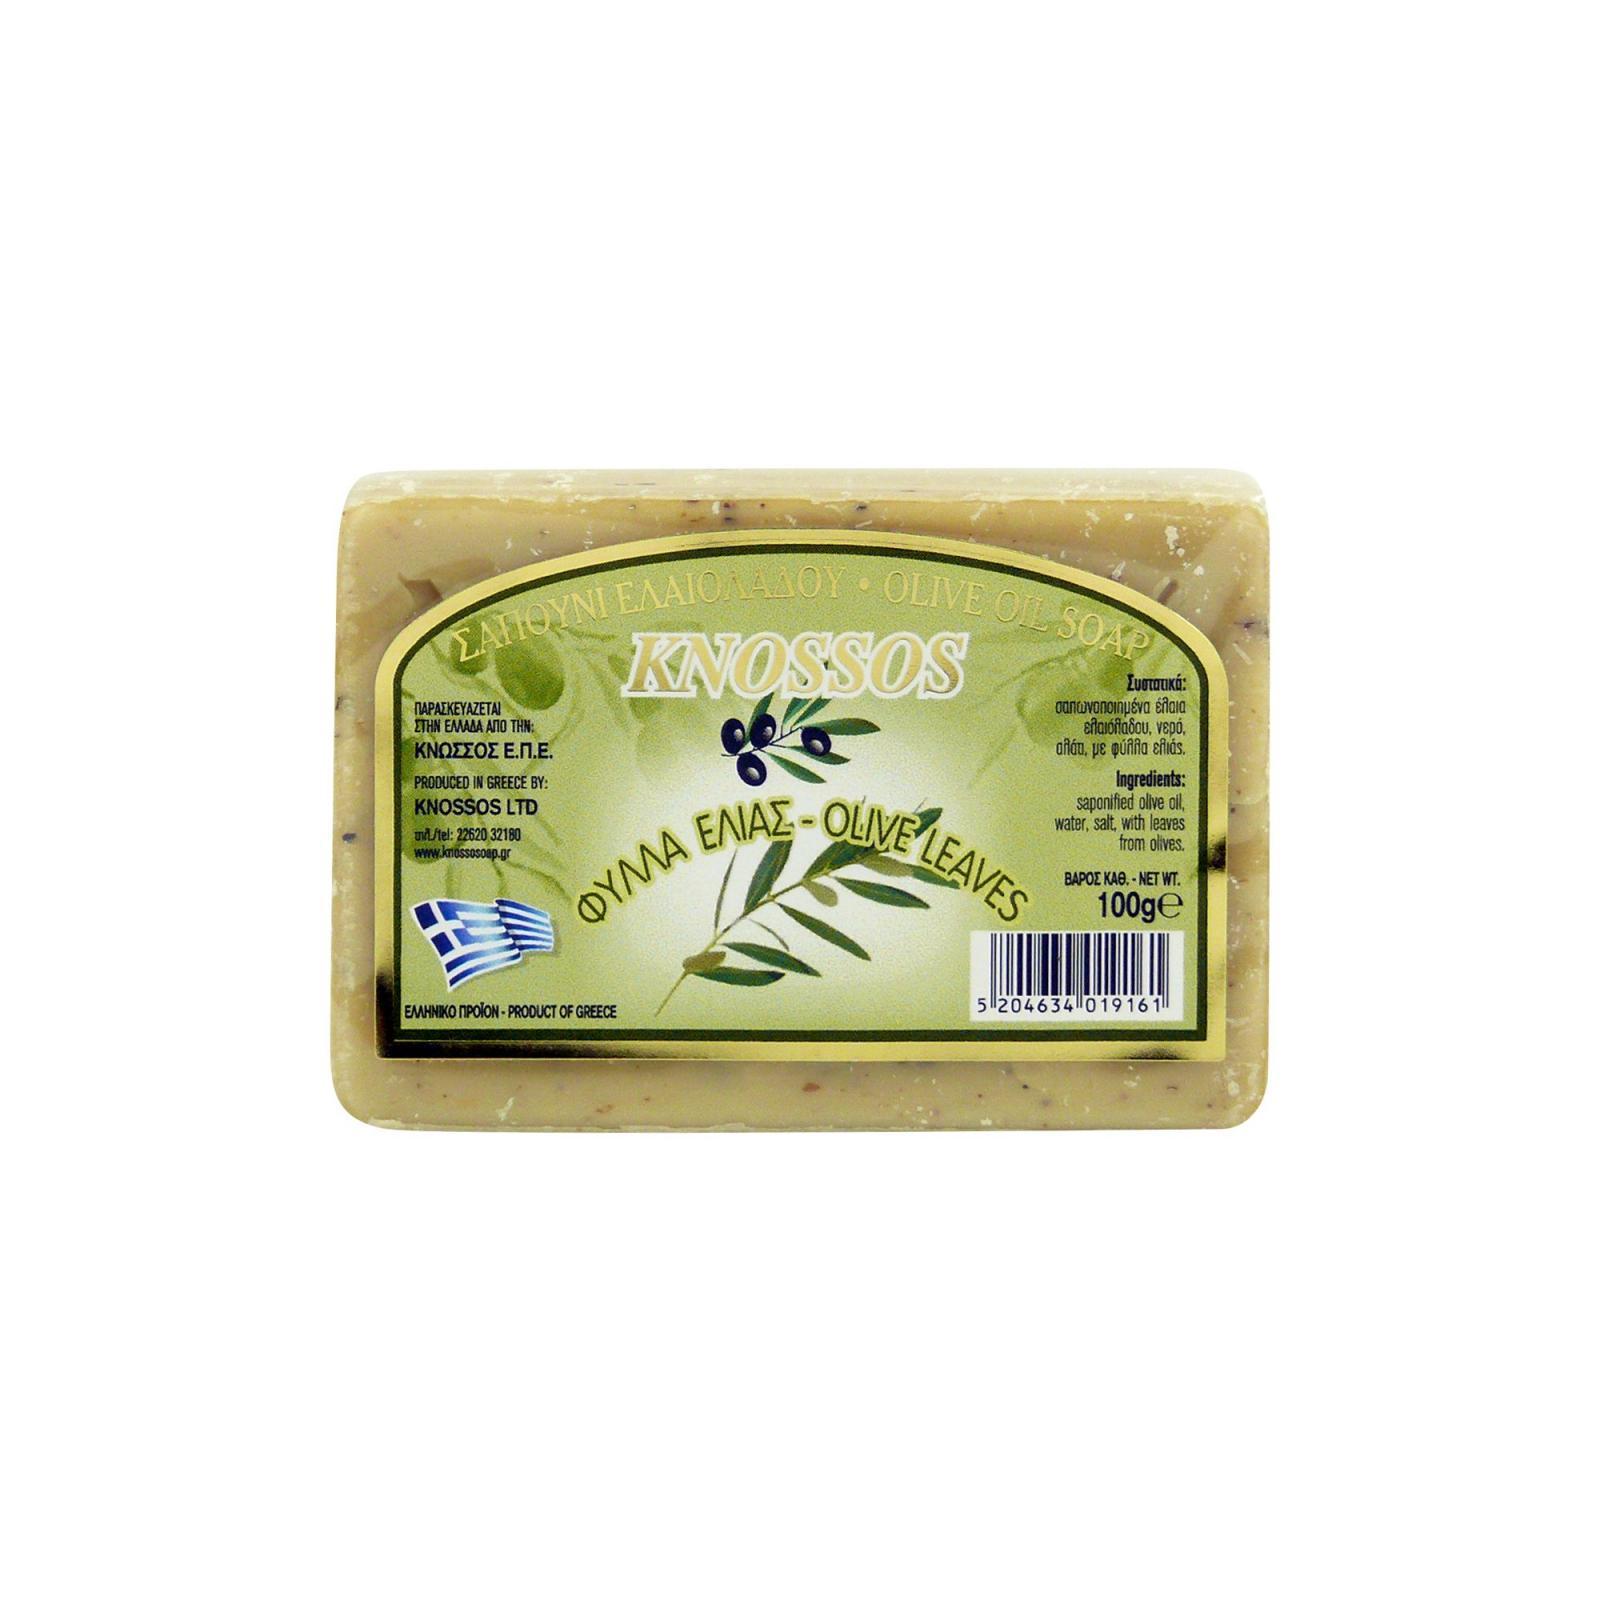 Knossos Mýdlo tuhé olivové, olivové listy 100 g